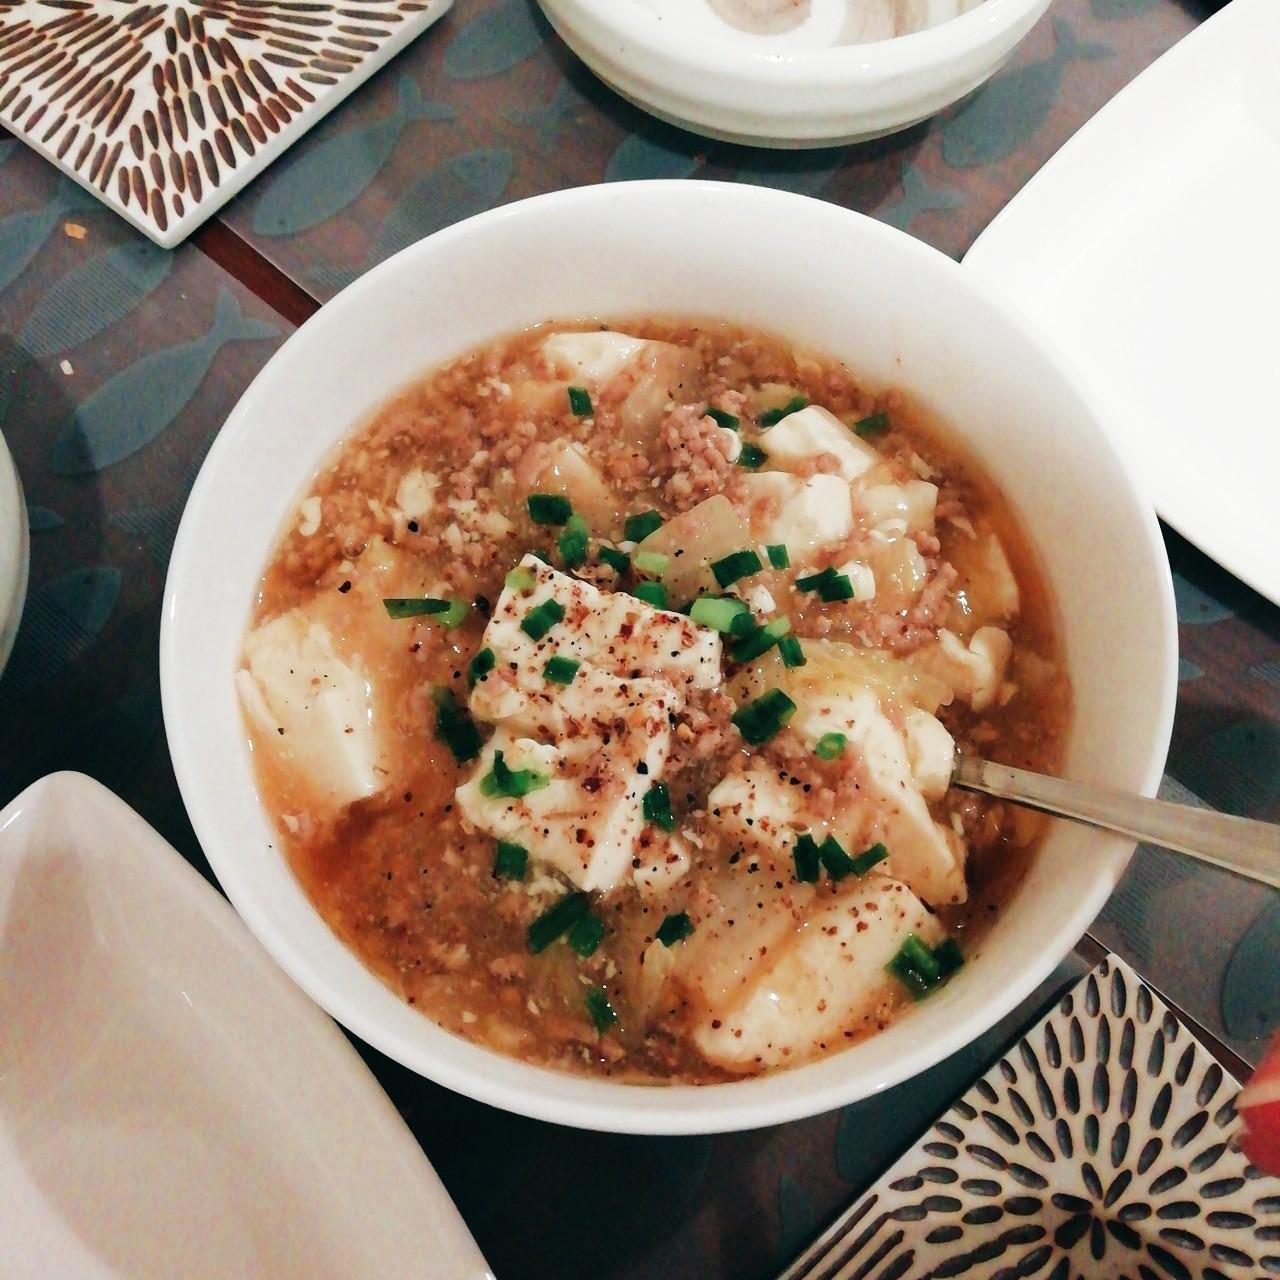 白菜と豆腐のとろとろあんかけ煮込み